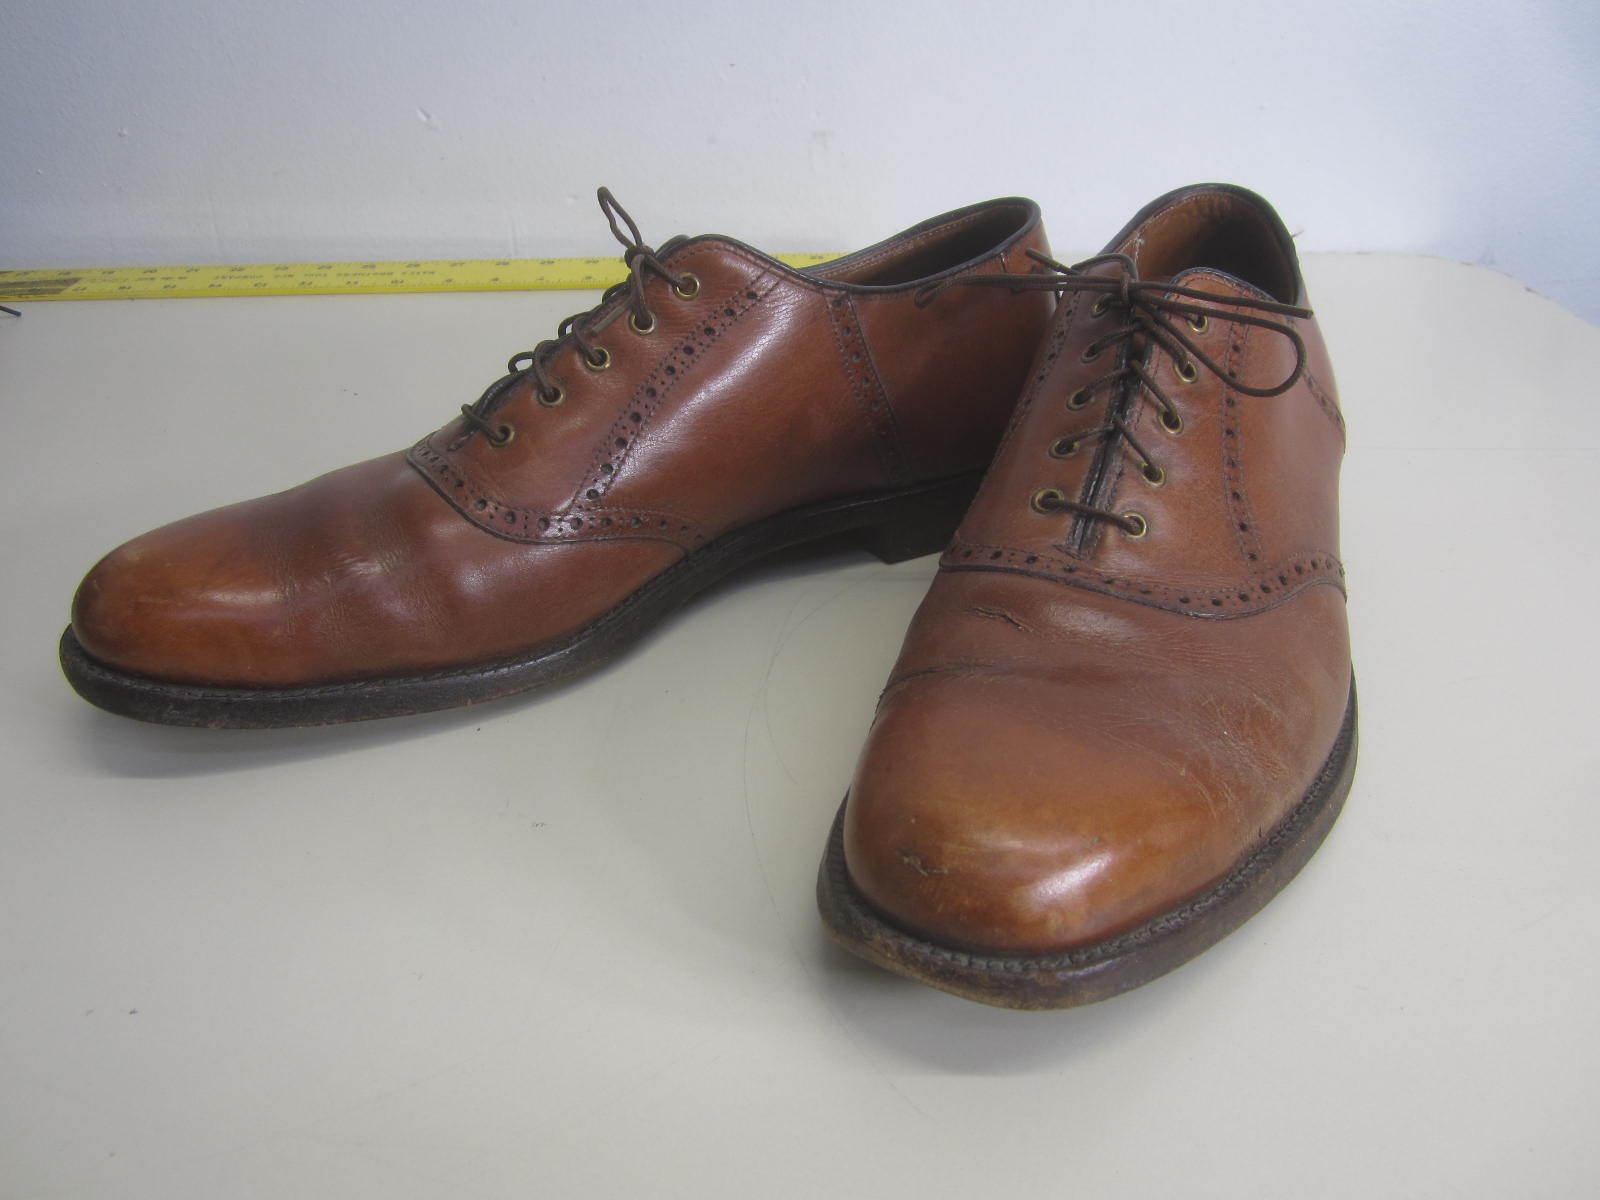 prezzo all'ingrosso e qualità affidabile Vtg Alden scarpe scarpe scarpe Marrone Leather Oxford plain toe sz 12 A  migliore marca